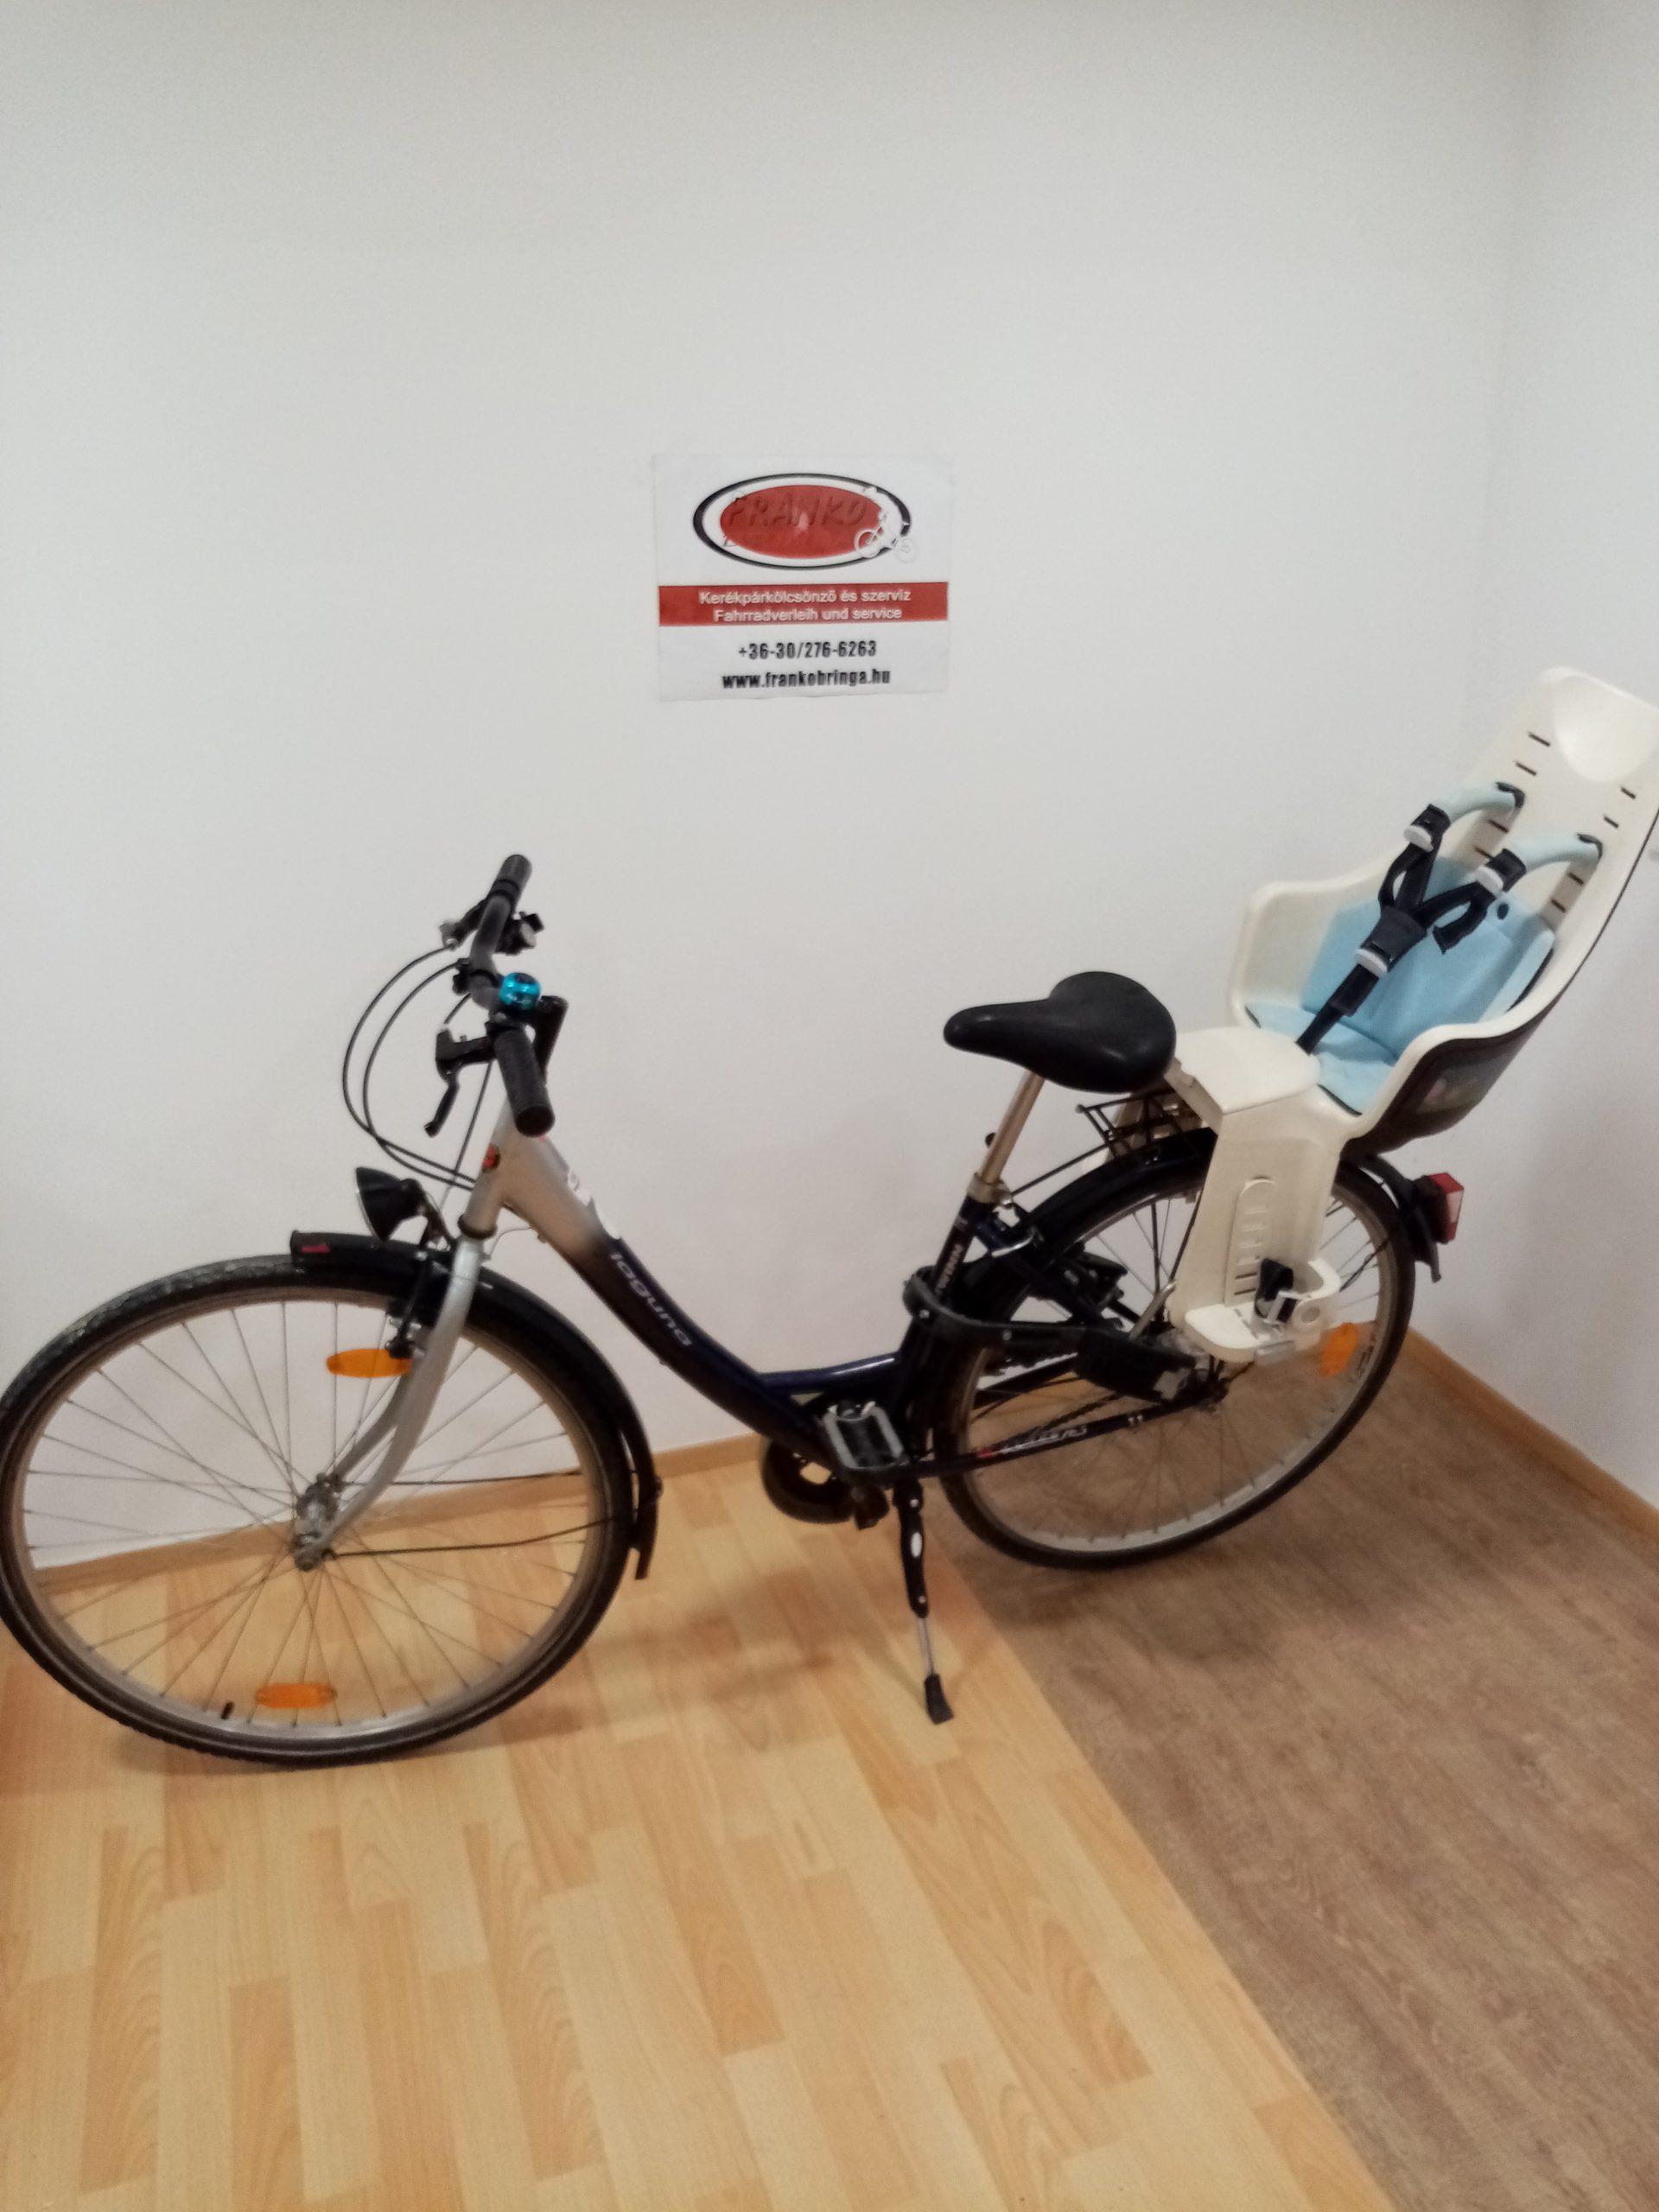 28″ Női kerékpár + Gyerekülés – Azonosító: #04